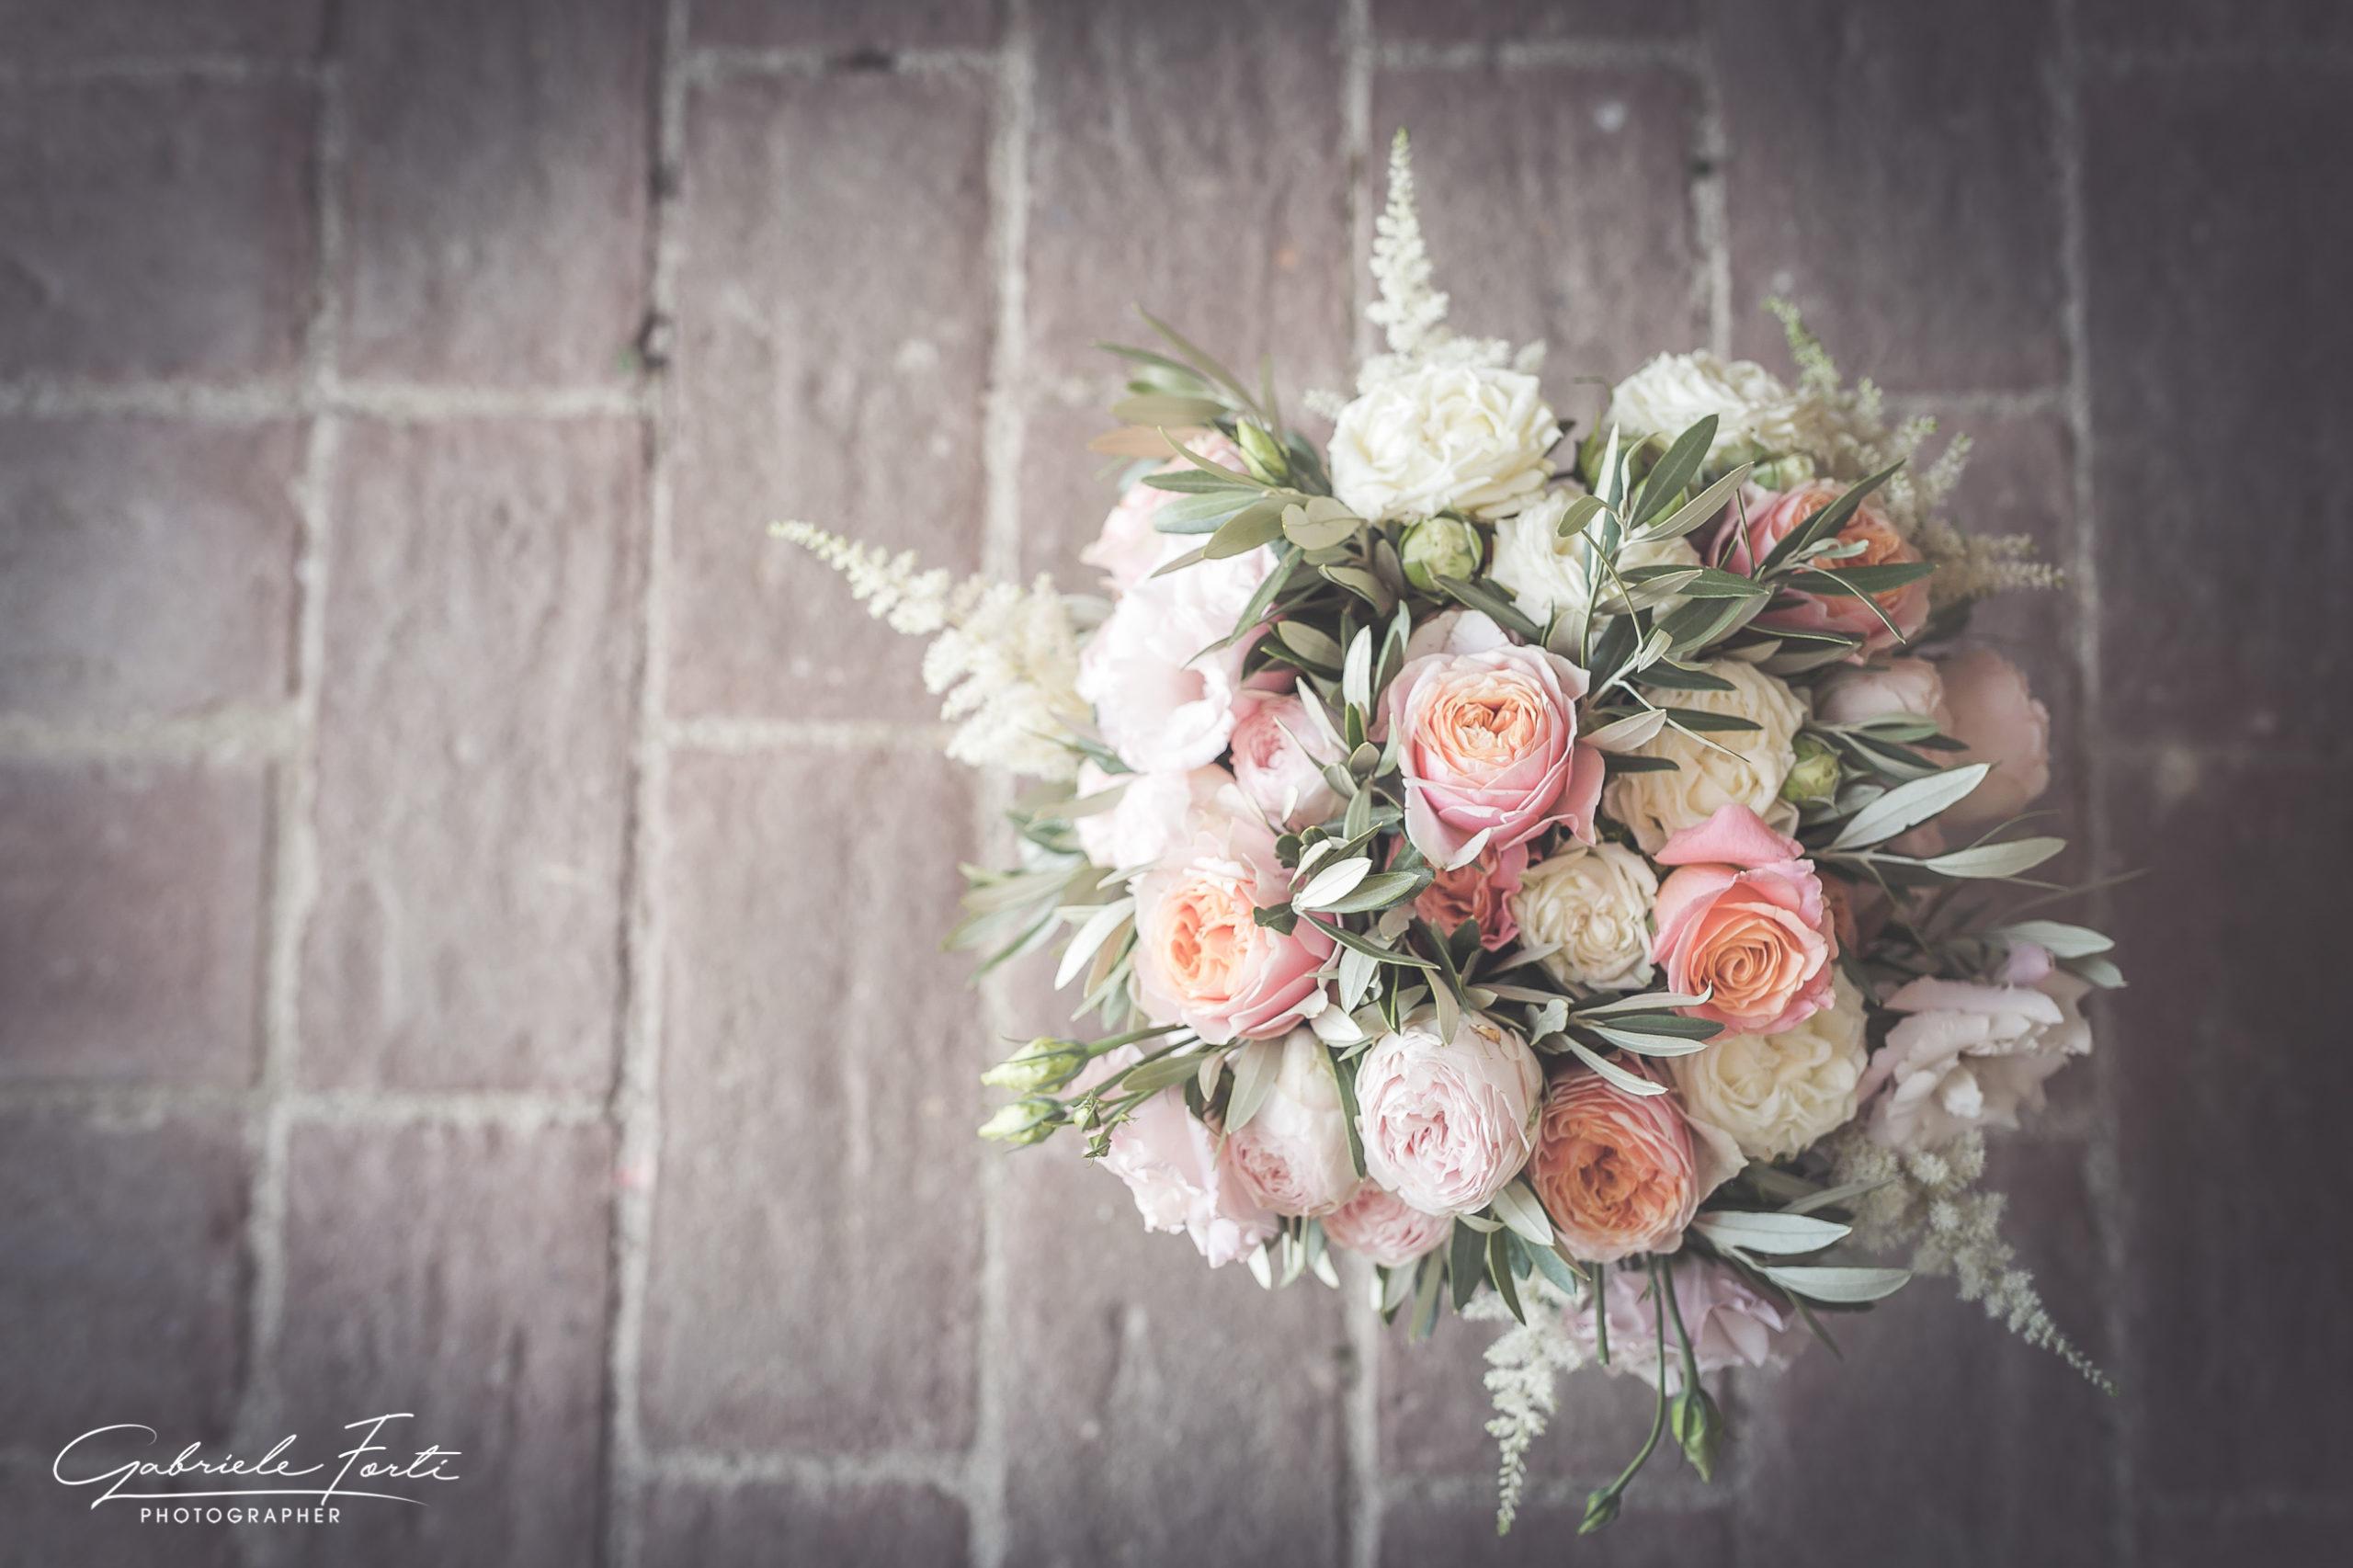 abbazia-san-galgano-tuscany-villa-podenovo-wedding-dress-foto-forti-gabriele-9